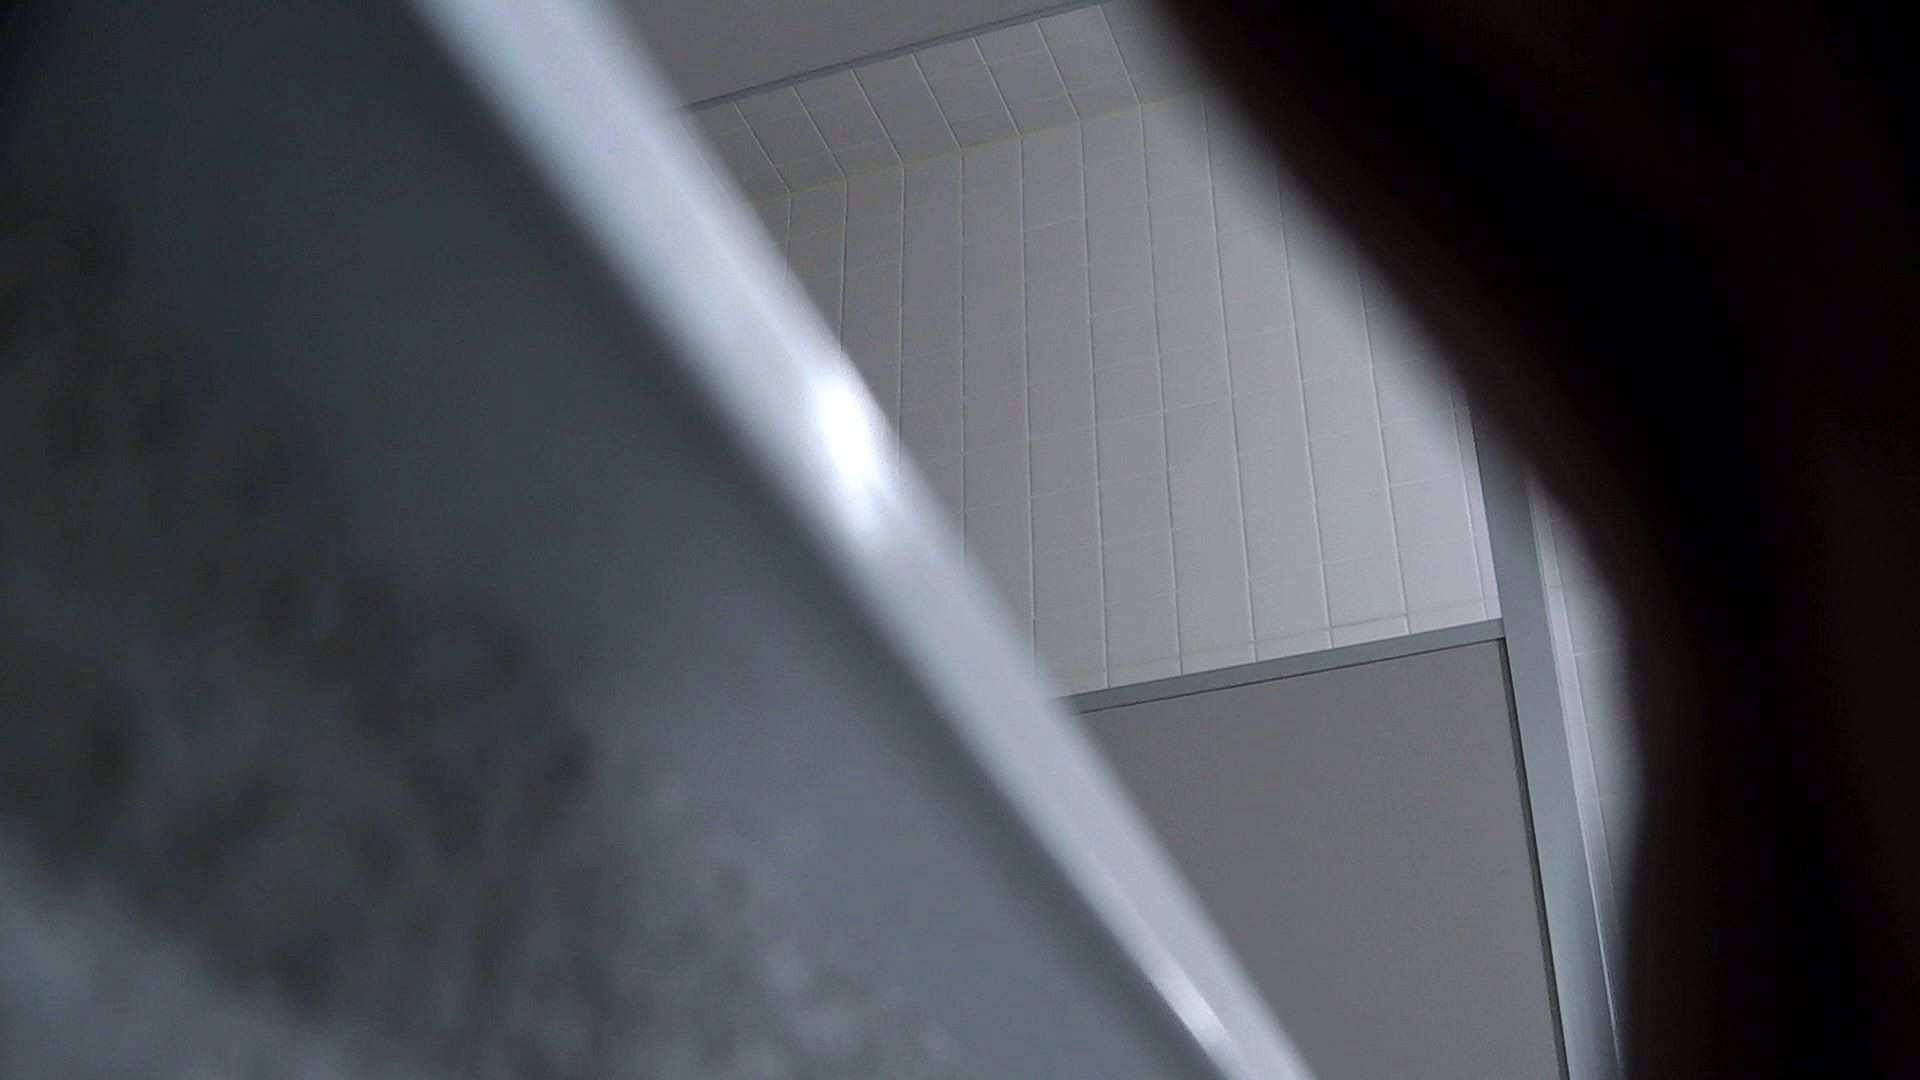 vol.05 命がけ潜伏洗面所! いざ追い撮り!! OL女体 スケベ動画紹介 52連発 42